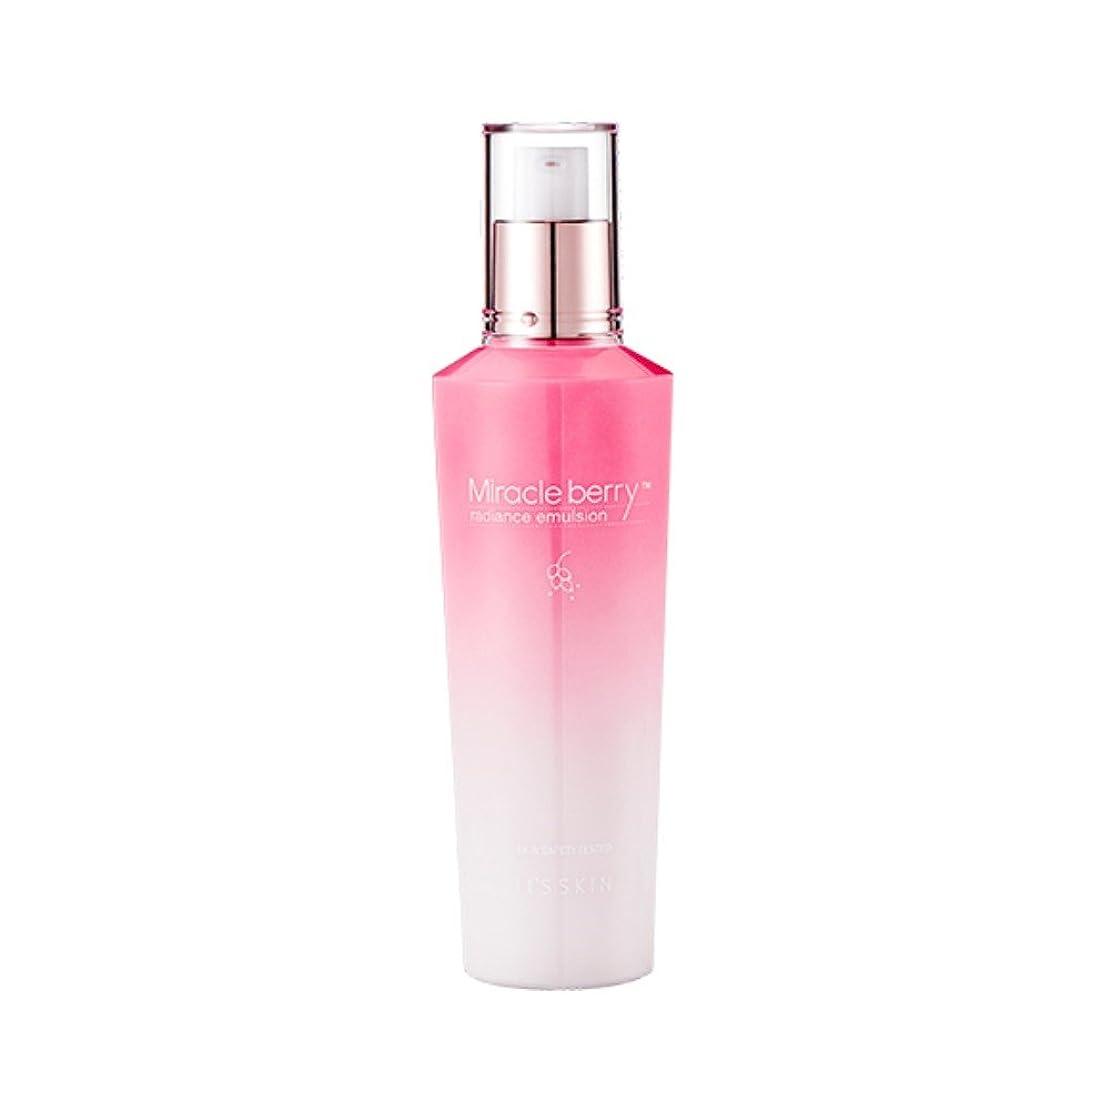 コロニー顎タイプ[New] It'S SKIN Miracle Berry Radiance Emulsion 150ml/イッツスキン ミラクル ベリー ラディアンス エマルジョン 150ml